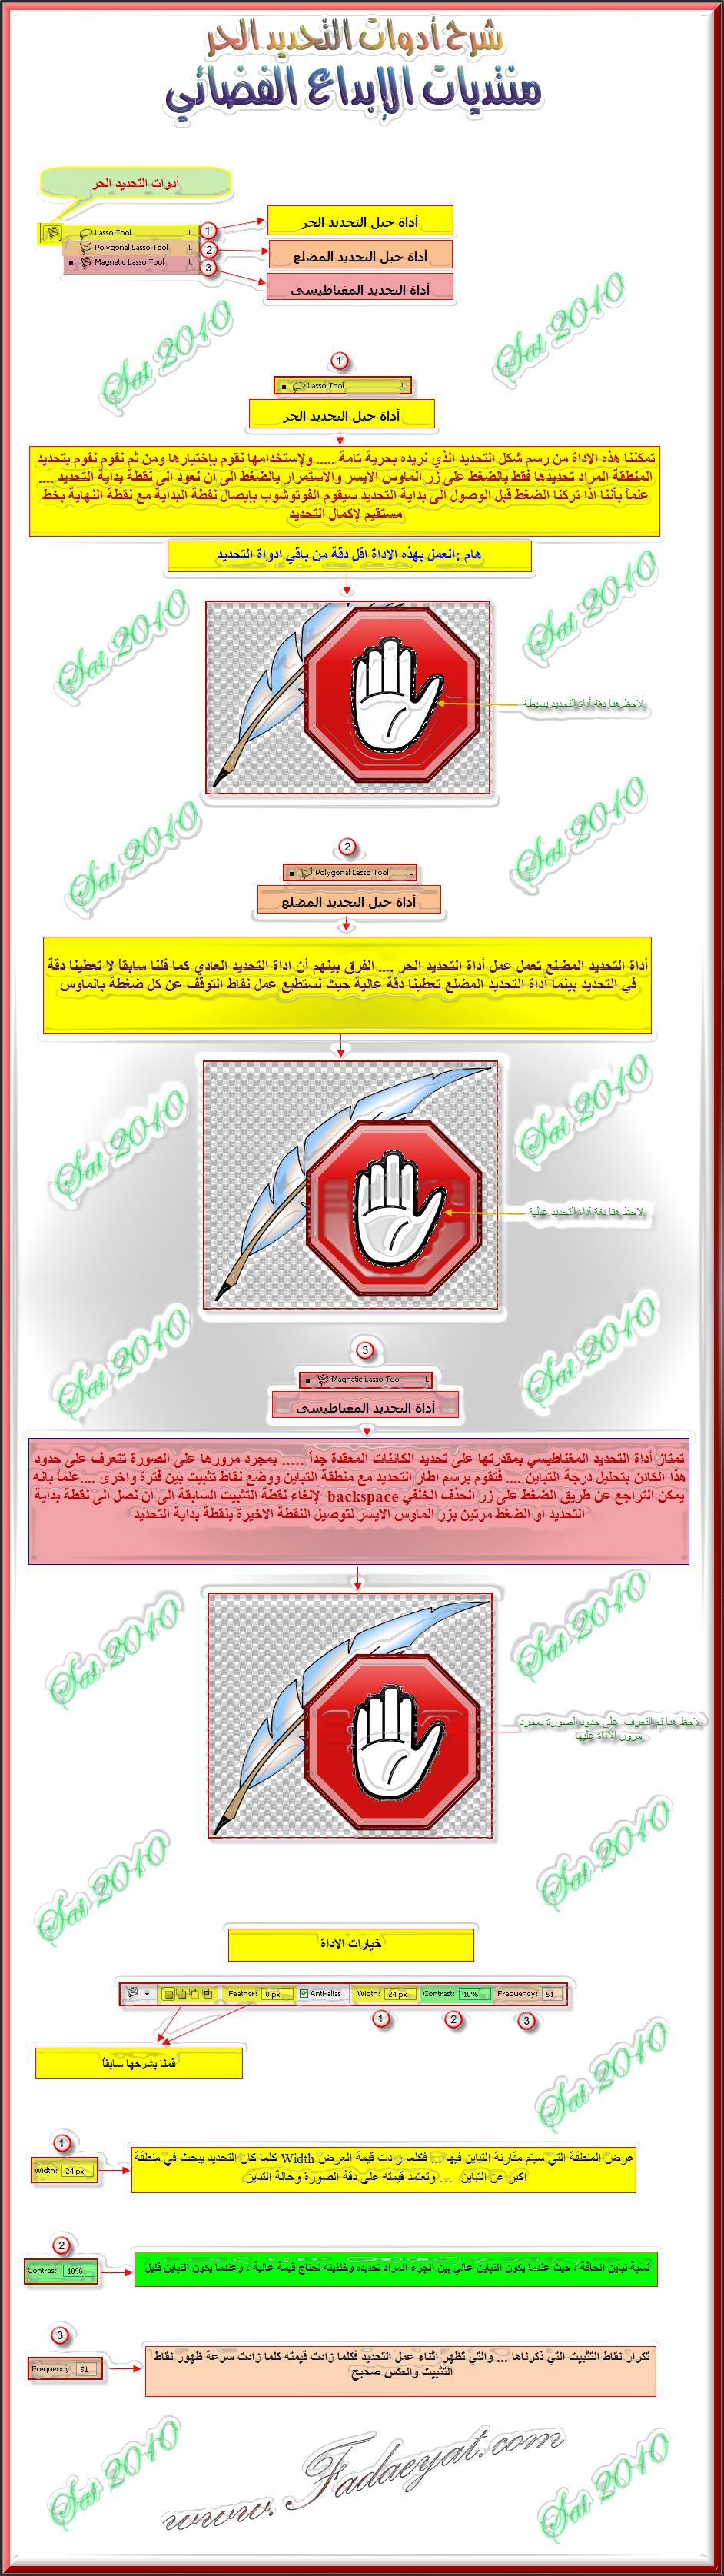 شرح أدوات الفوتوشوب - أدوات التحديد الحر